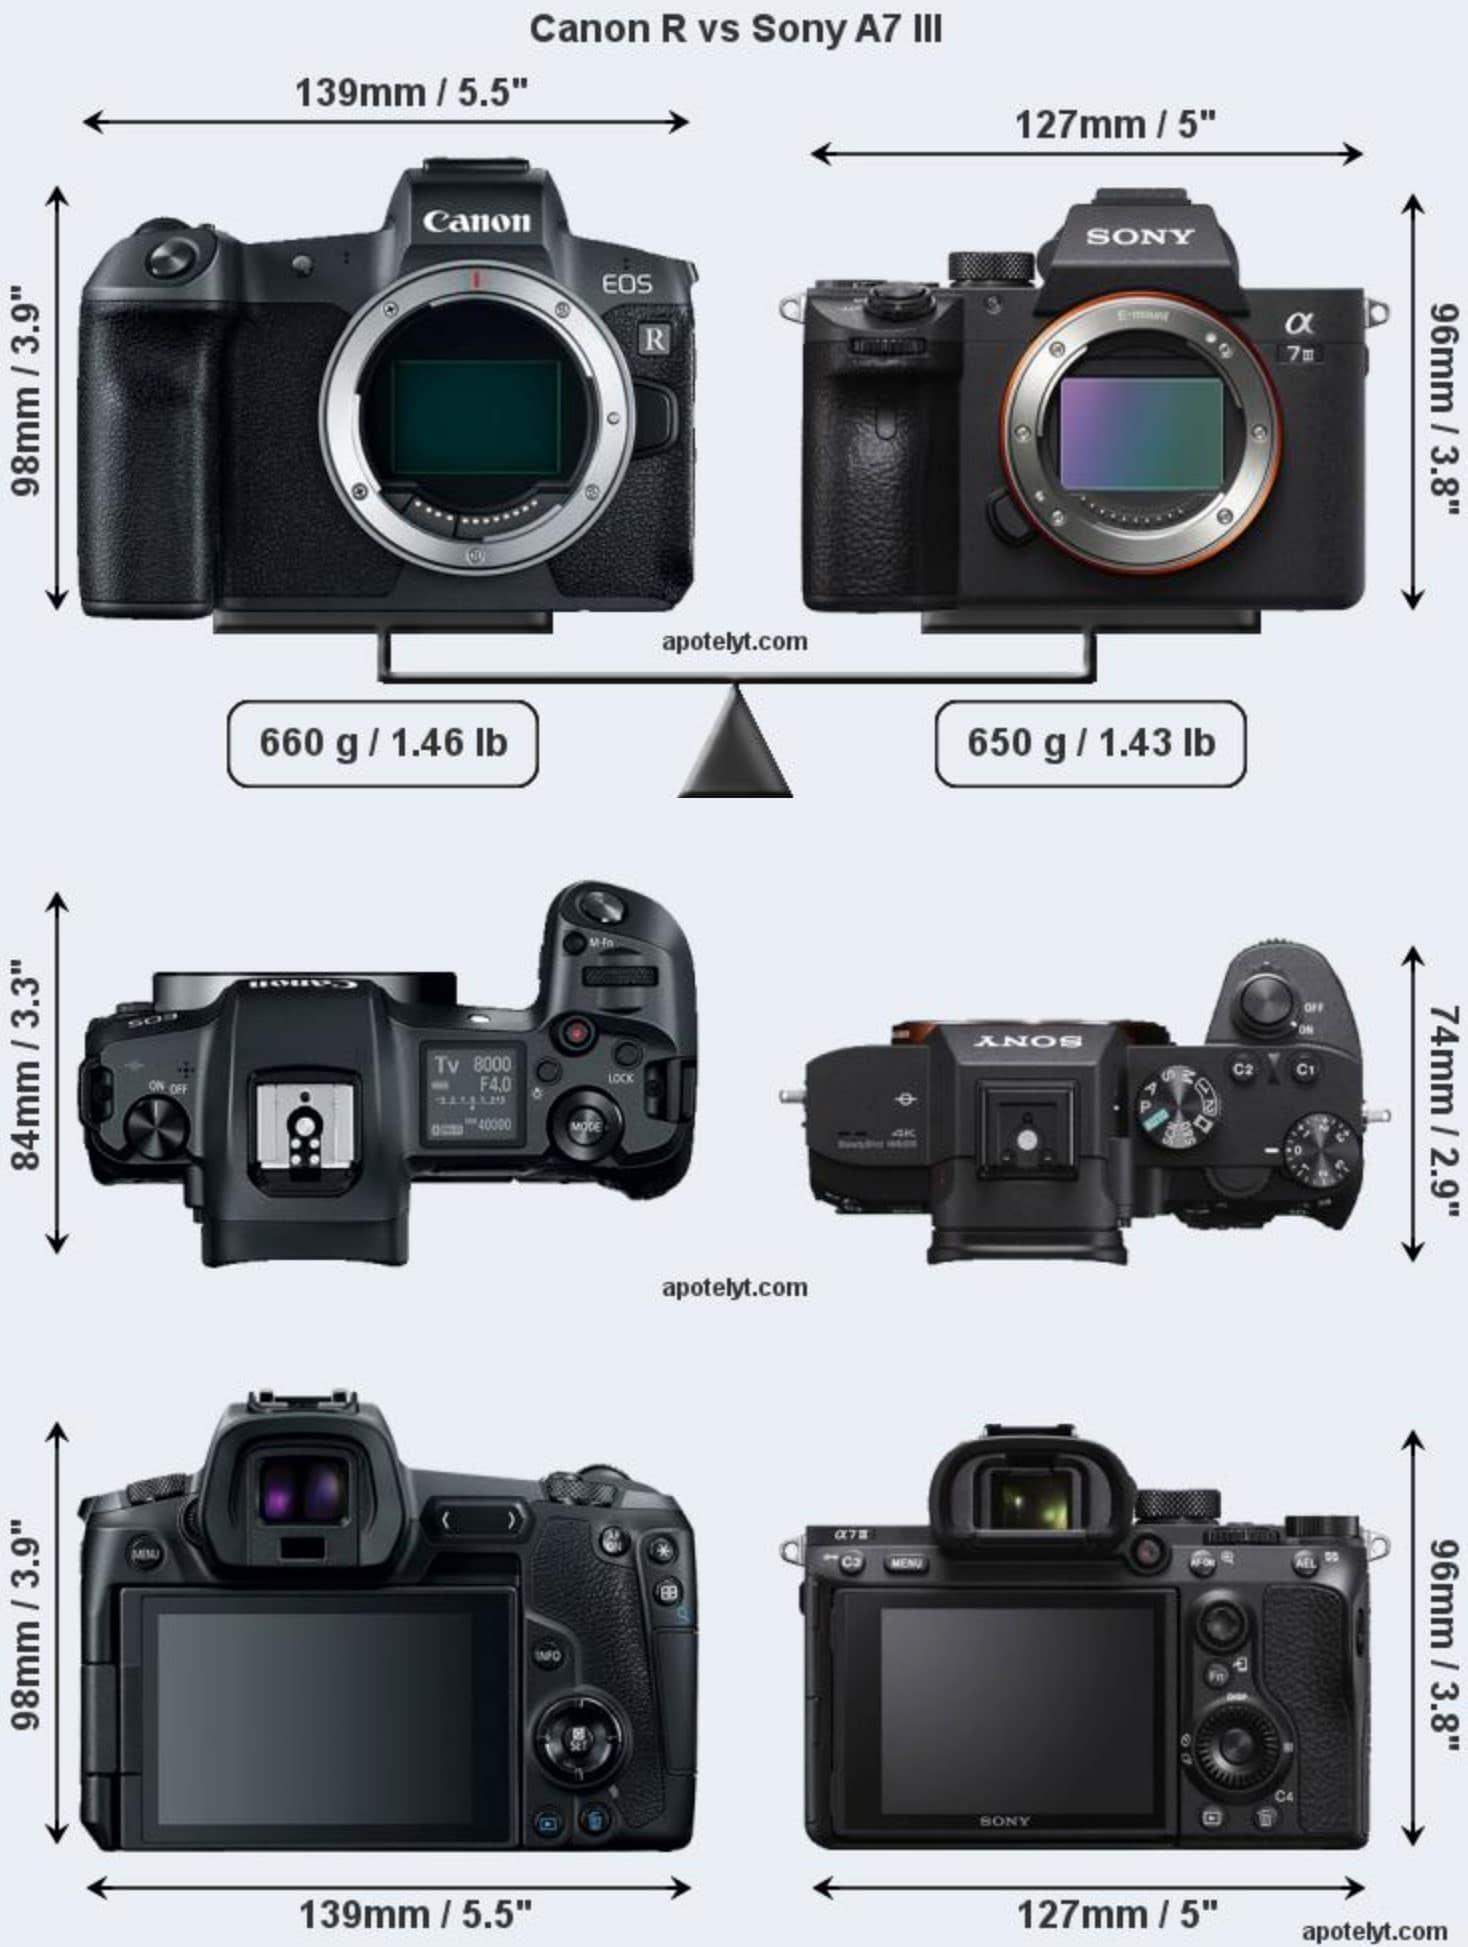 Canon EOS R vs Nikon Z6 vs Sony A7 III Size Comparison